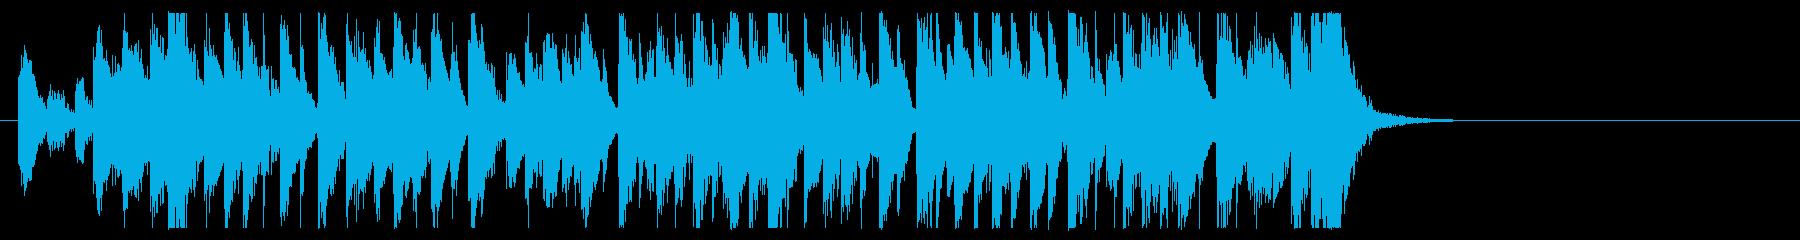 三味線と太鼓のアンサンブル3BPM120の再生済みの波形